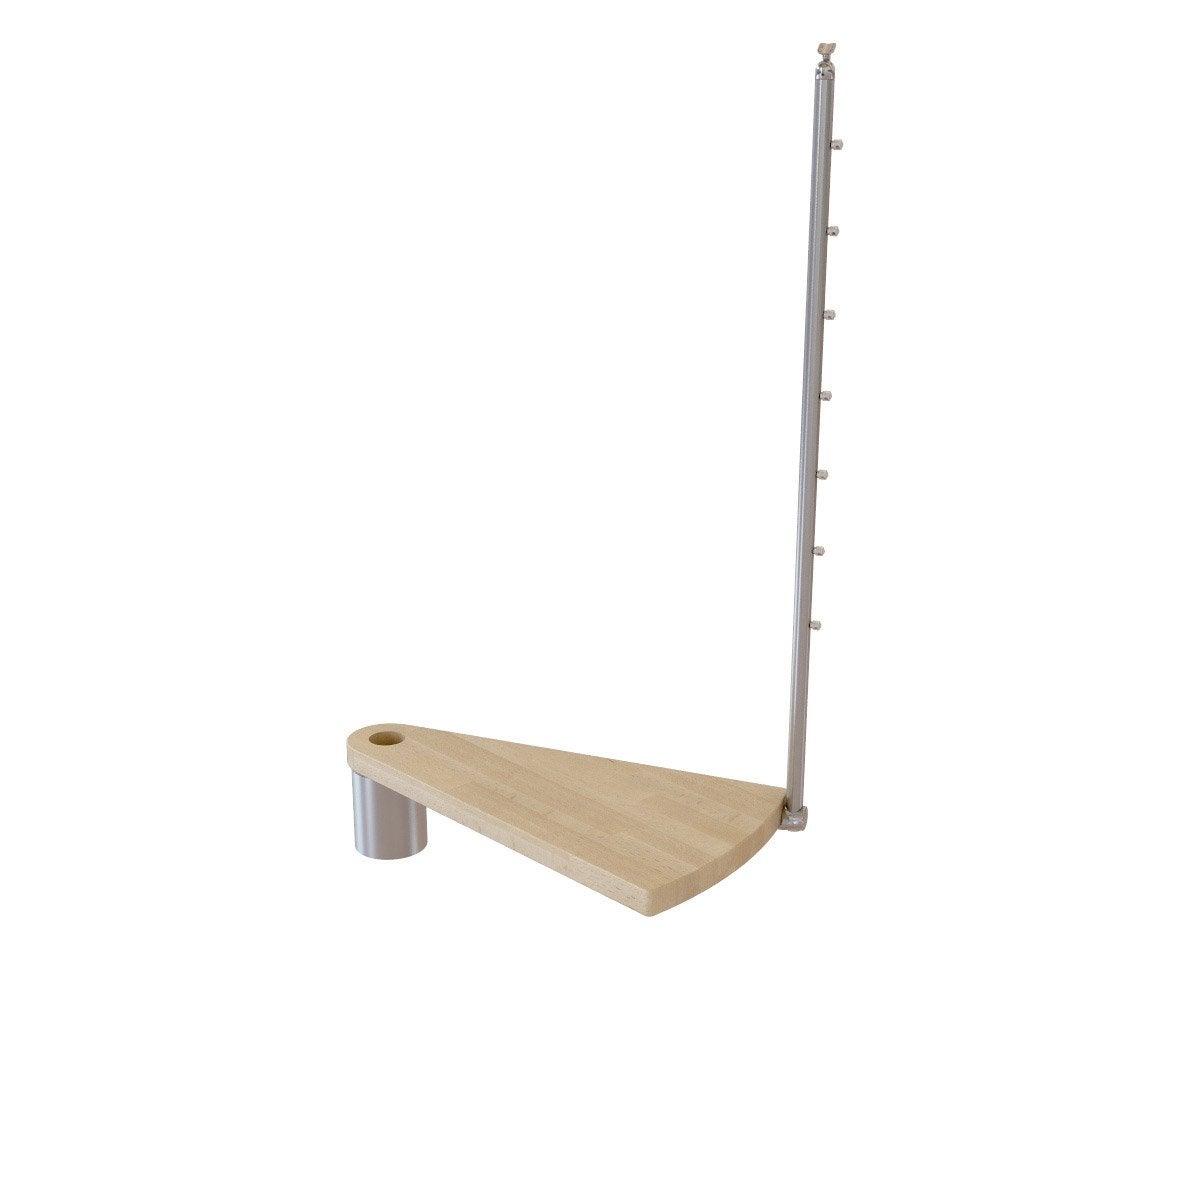 hauteur pour escalier ring line chrom bois clair diam 158 cm leroy merlin. Black Bedroom Furniture Sets. Home Design Ideas